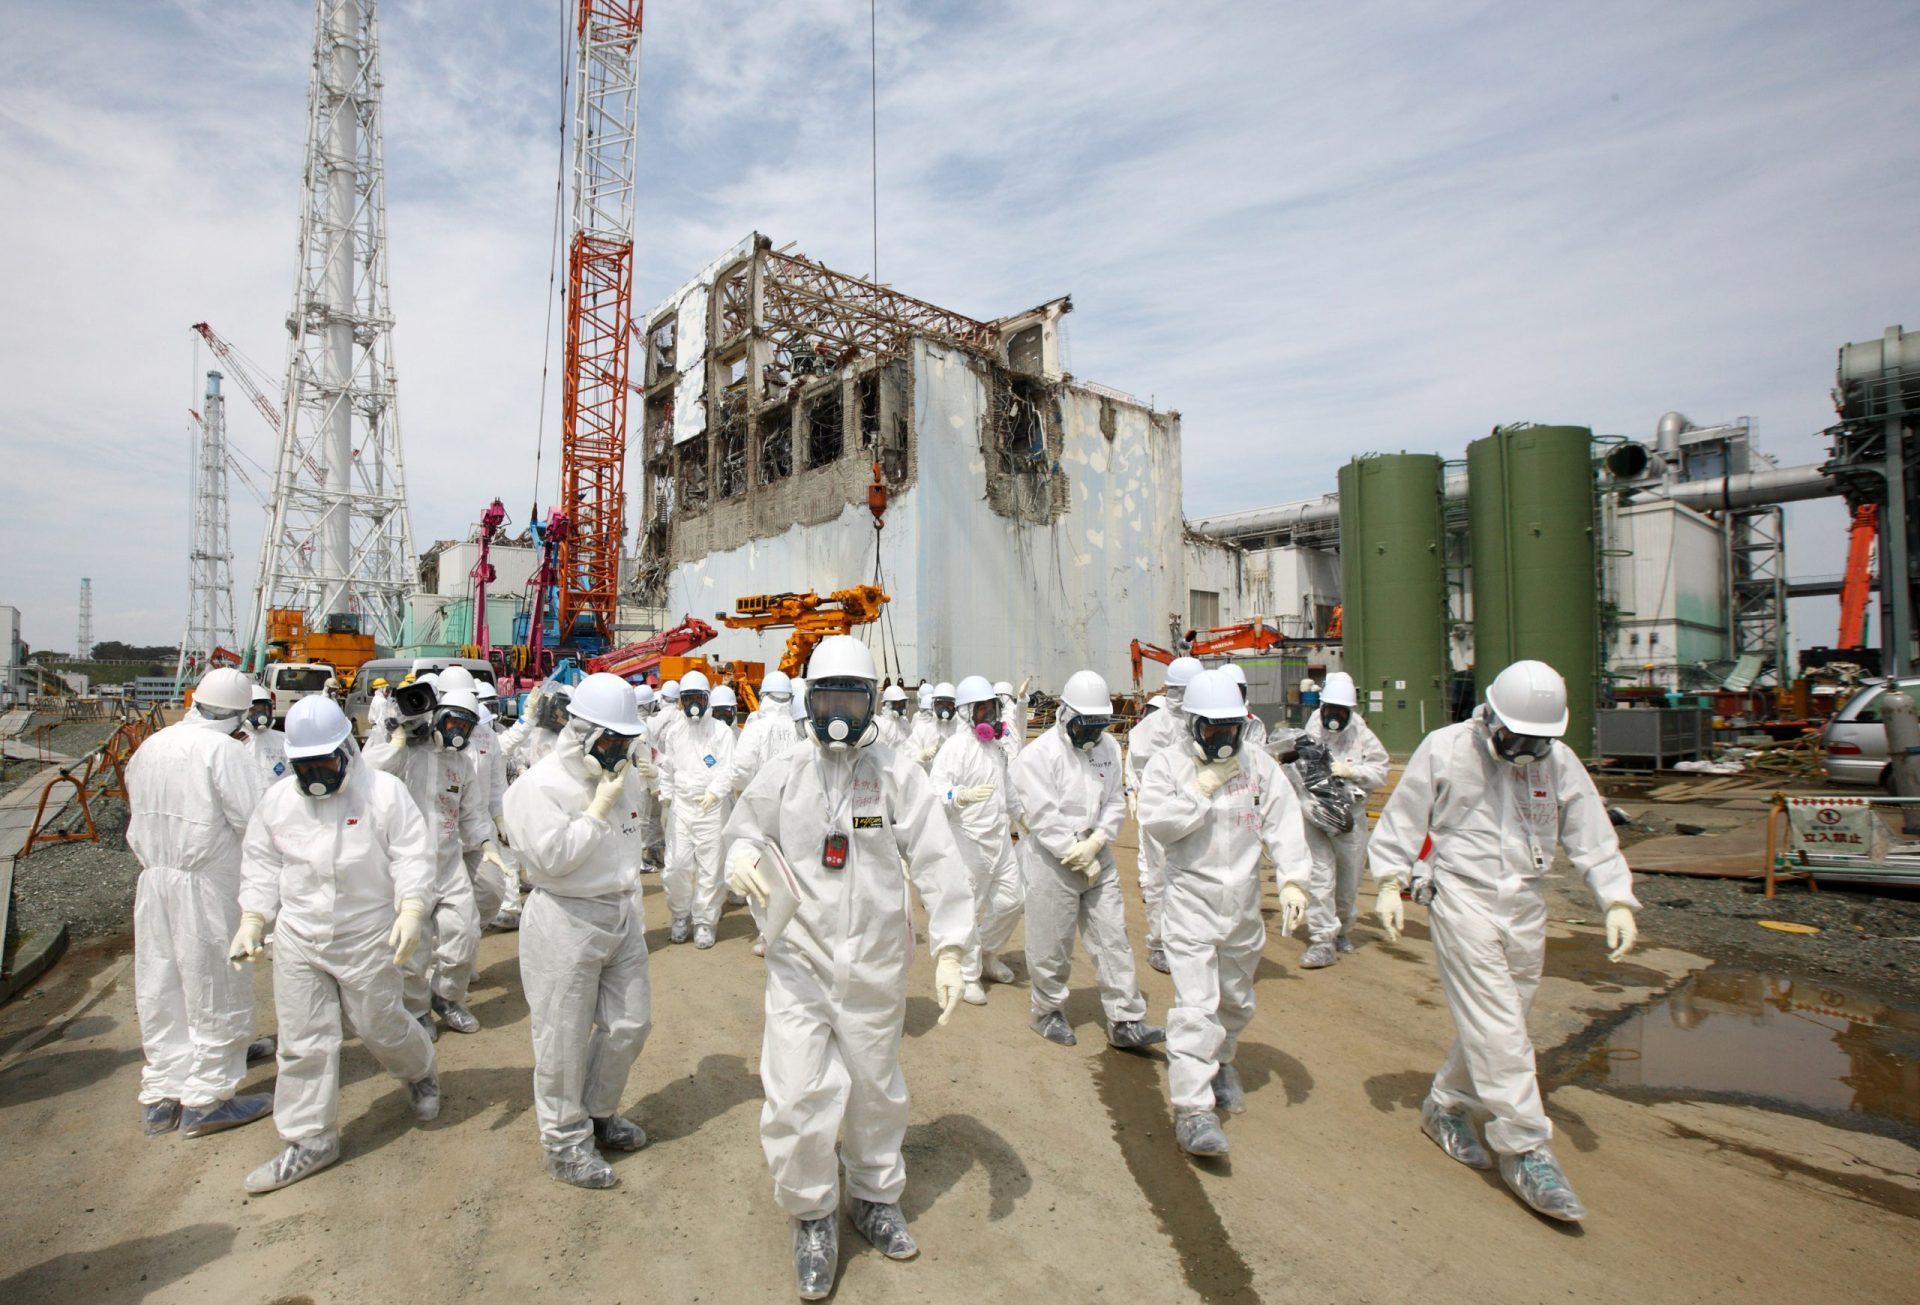 il-giappone-sversa-acqua-radioattiva-di-fukushima